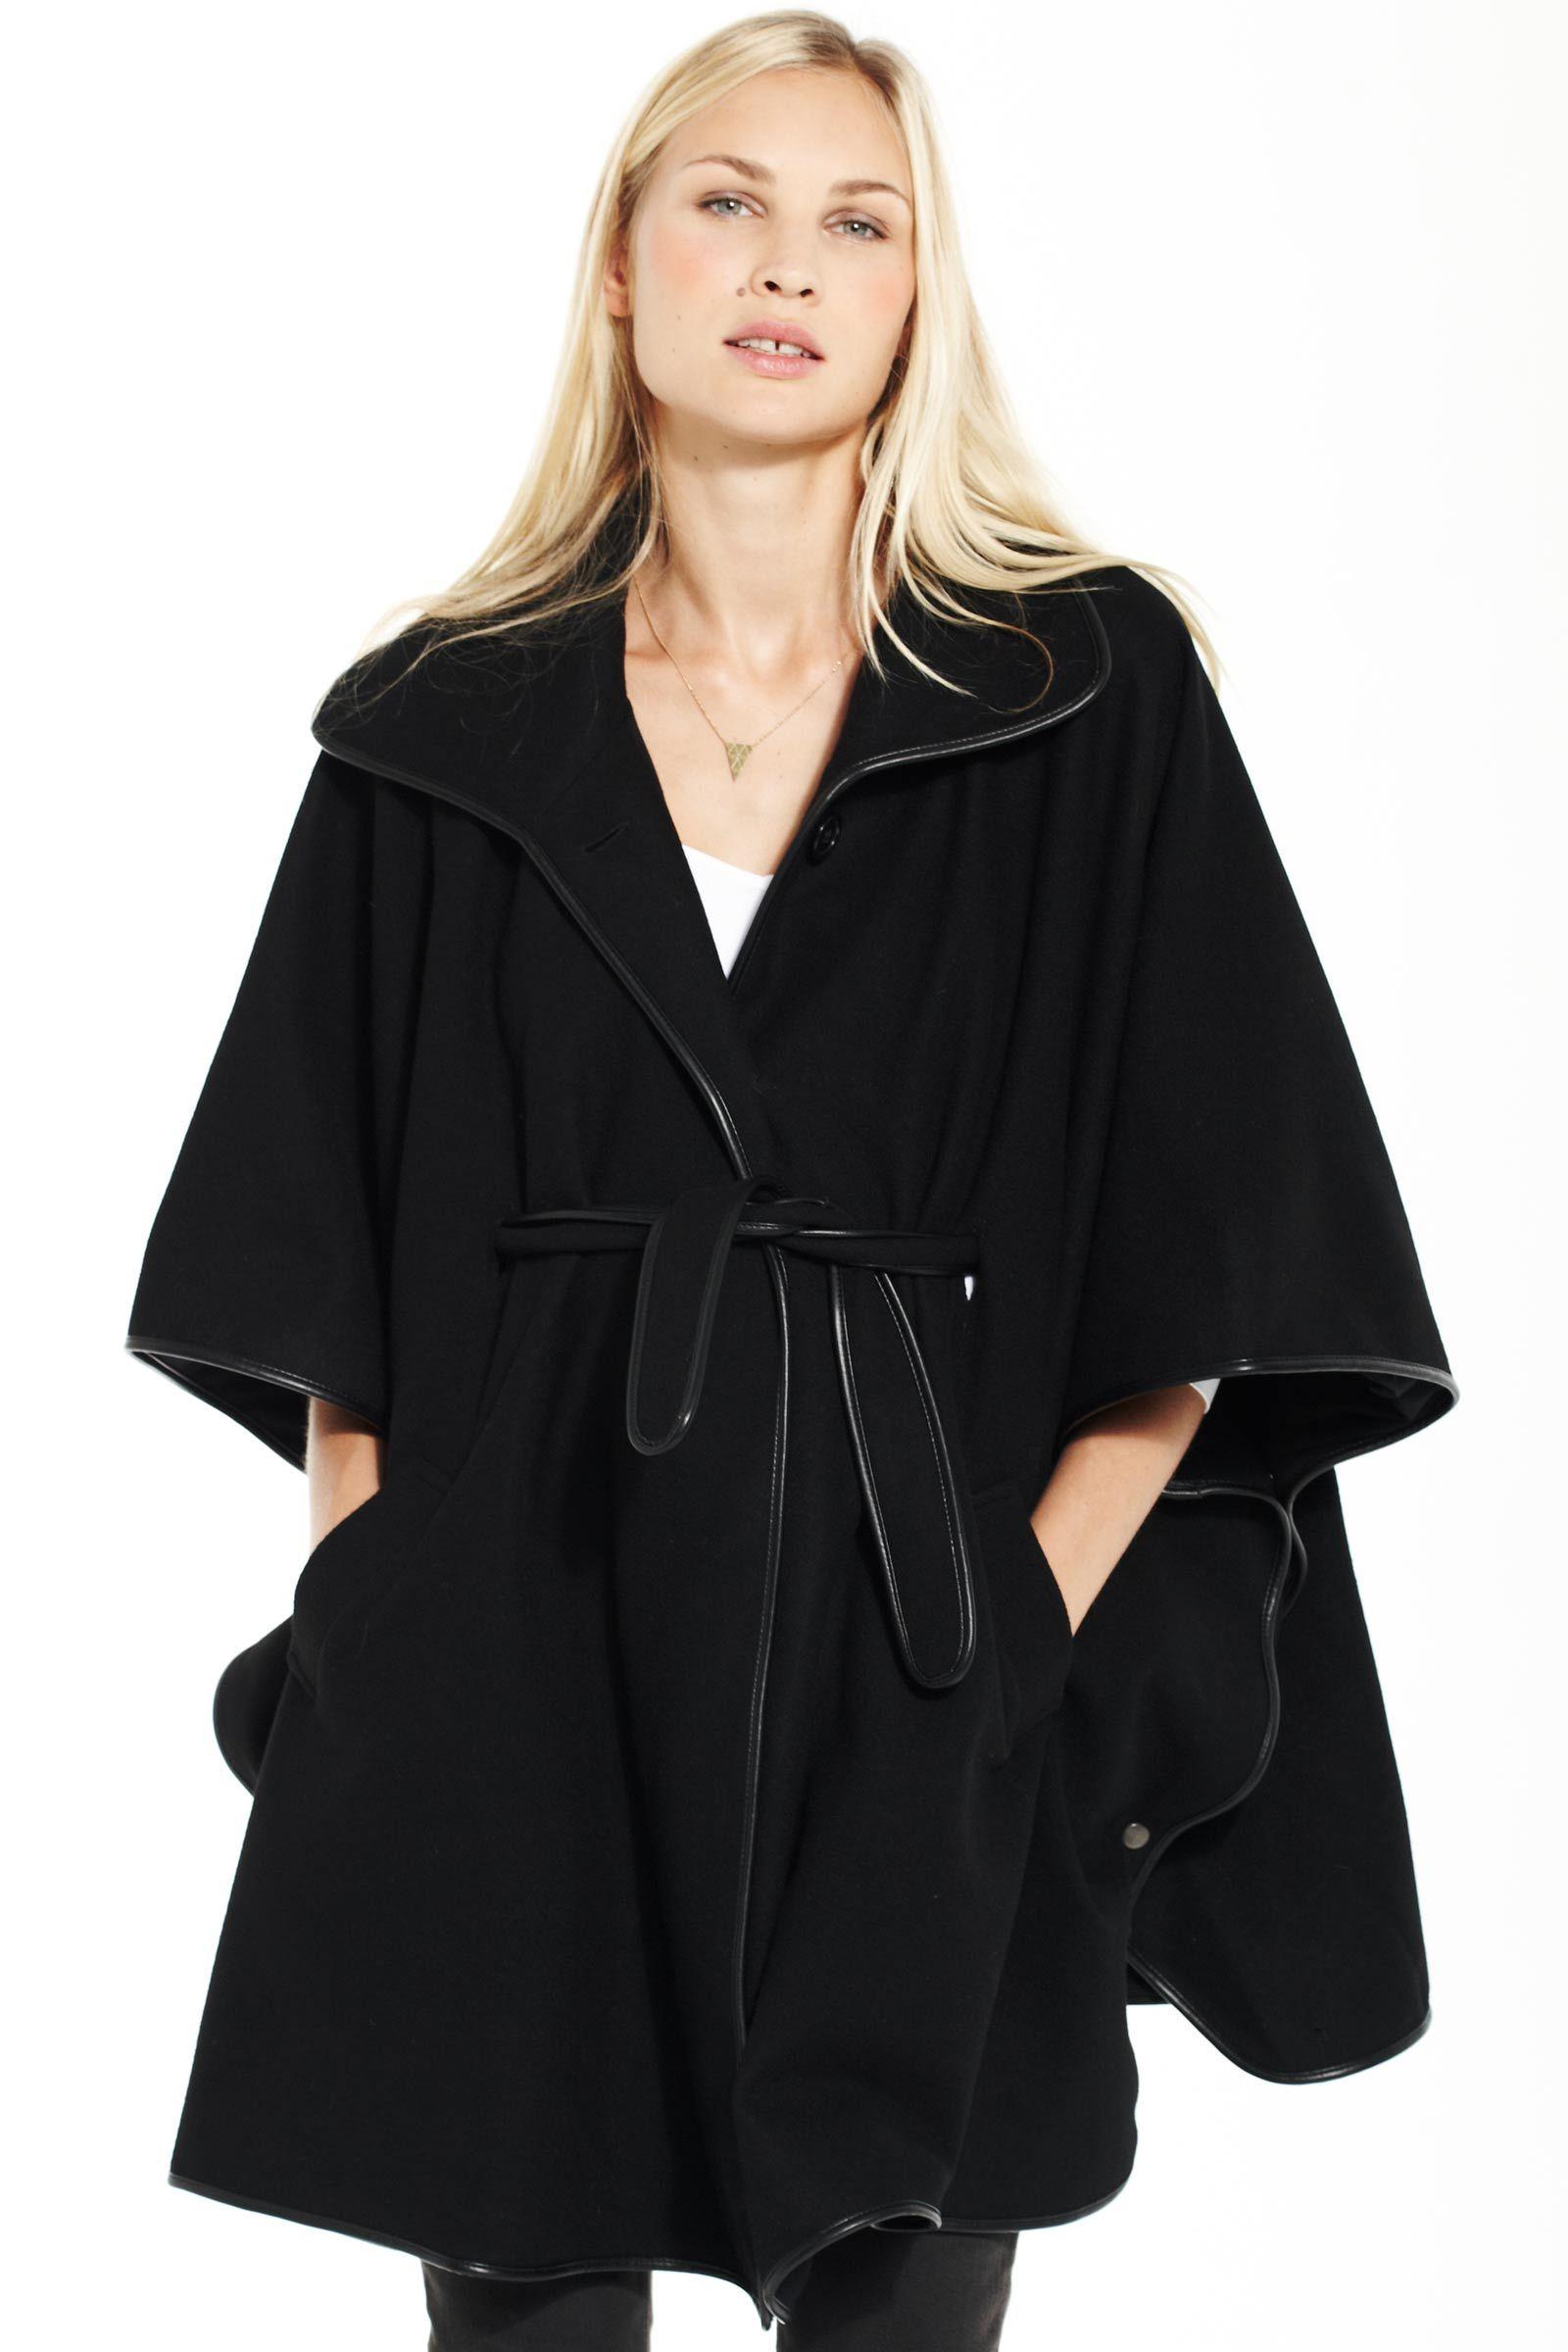 Laine · Noir · Manteau Cape Femme, Solde Hiver, Vêtements Tendance, Femme  Enceinte, Des Vêtements, 3add27b8ebc